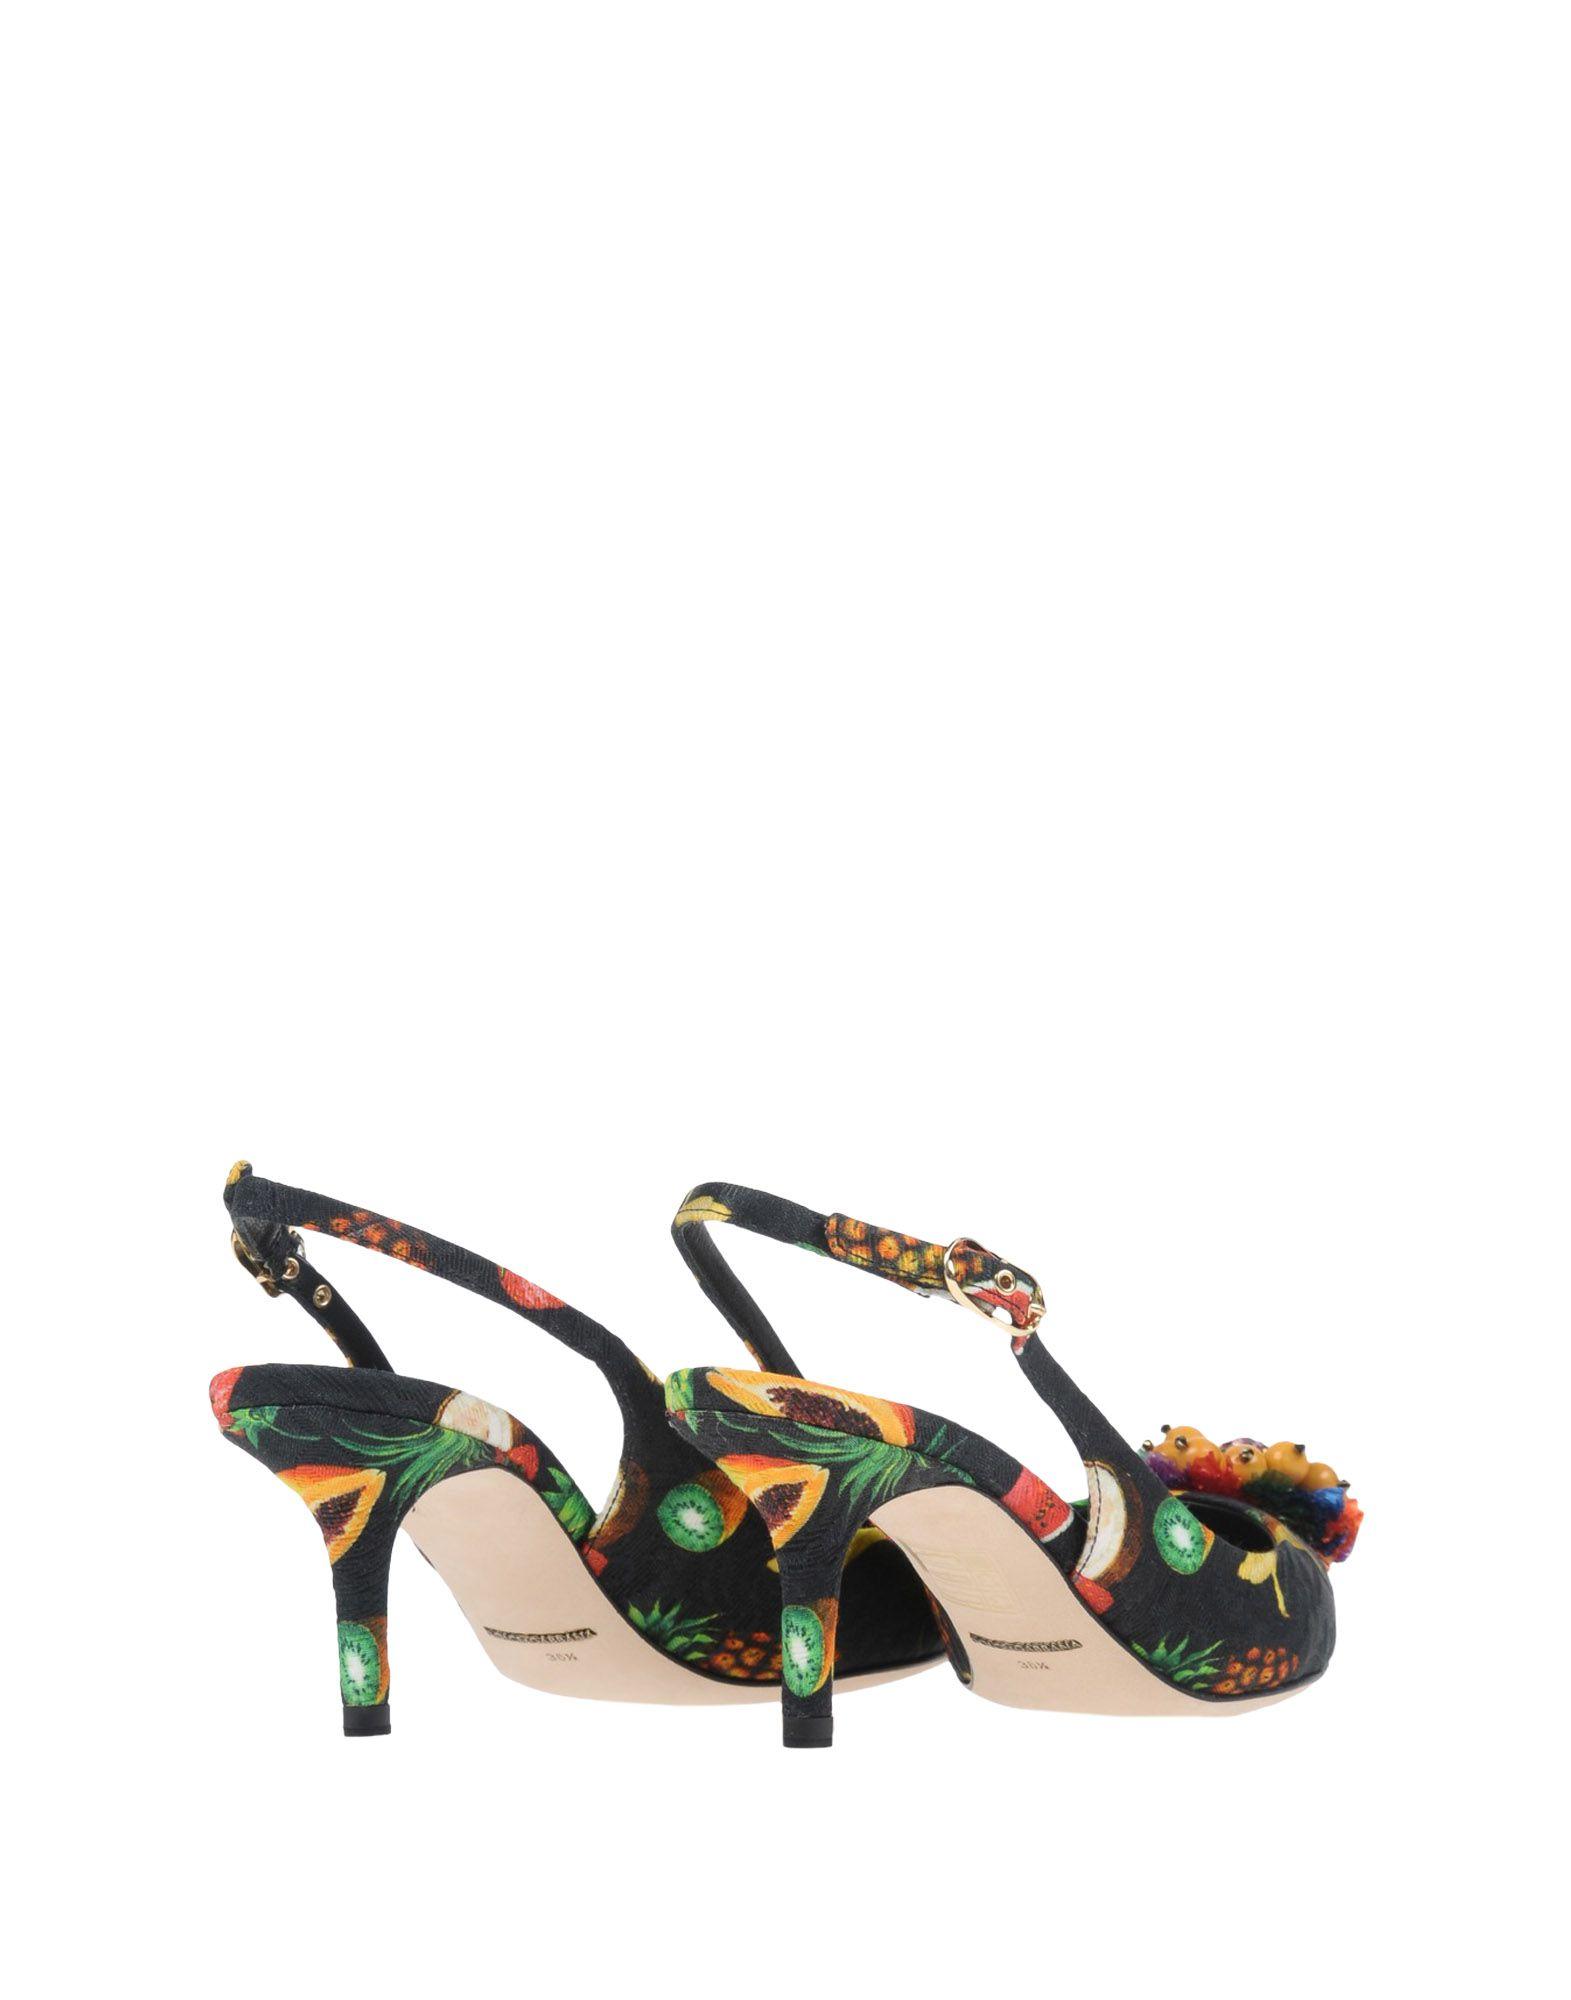 Dolce & Gabbana Pumps Damen Gutes Preis-Leistungs-Verhältnis, es lohnt sich sich lohnt 3c16a5